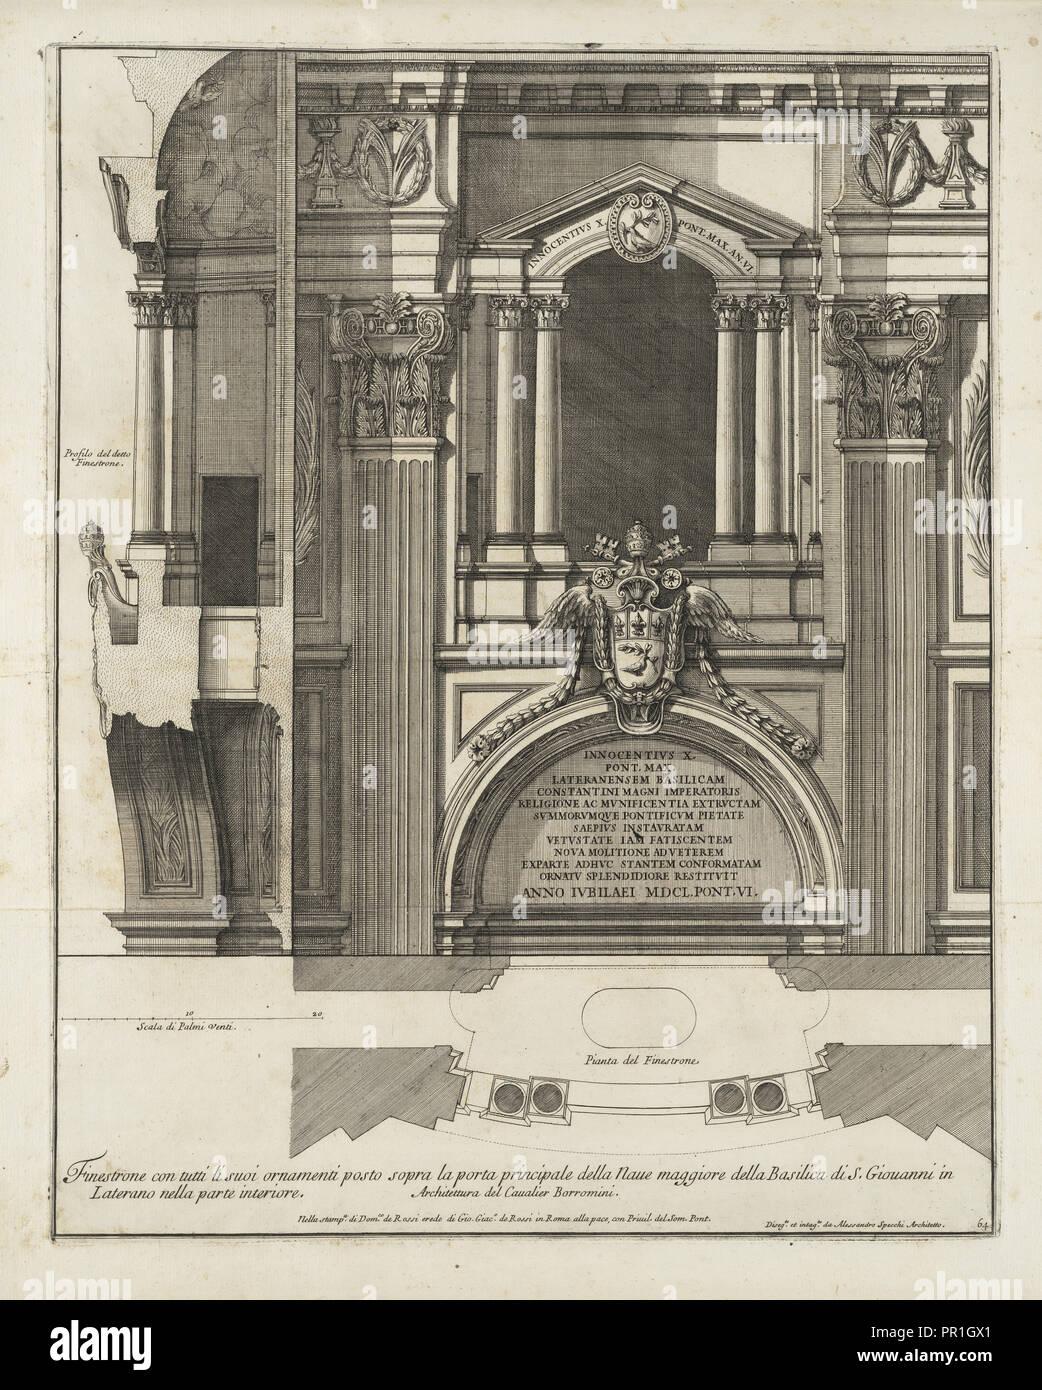 Finestrone con tutti li suoi ornamenti posto sopra la porta principale della naue maggiore della Basilica di S. Giouanni - Stock Image